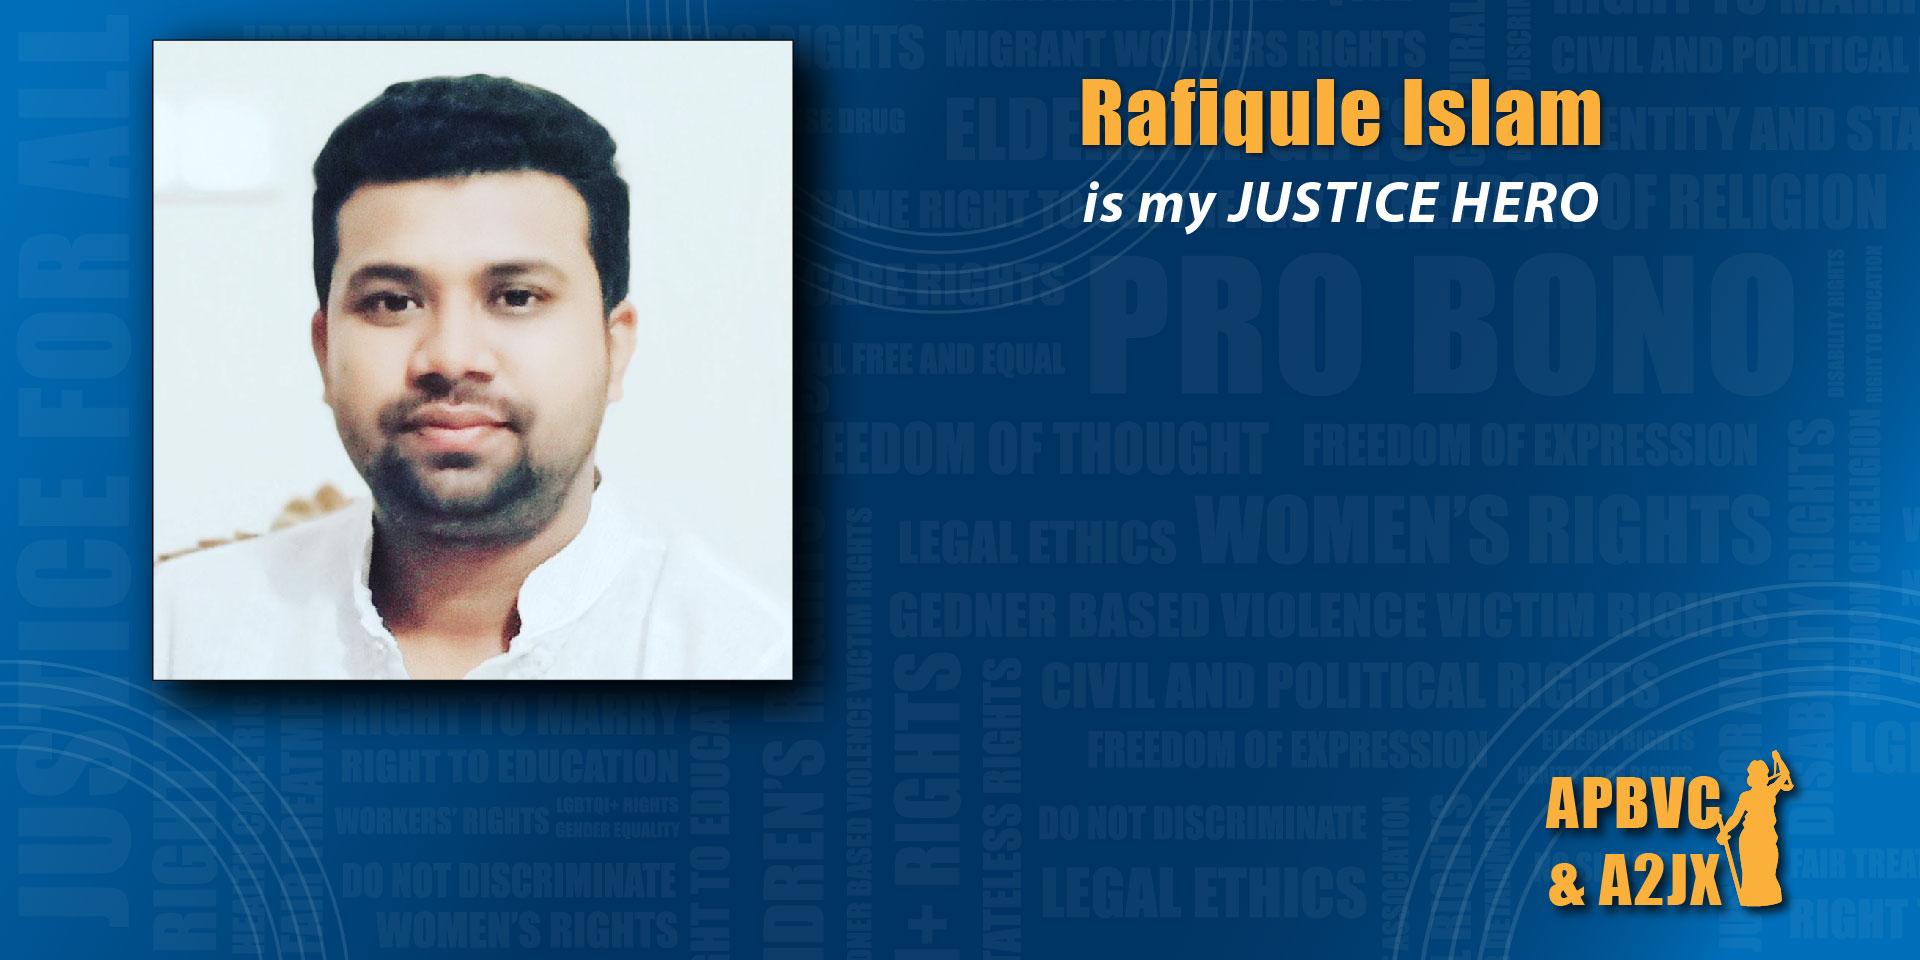 Rafiqule Islam